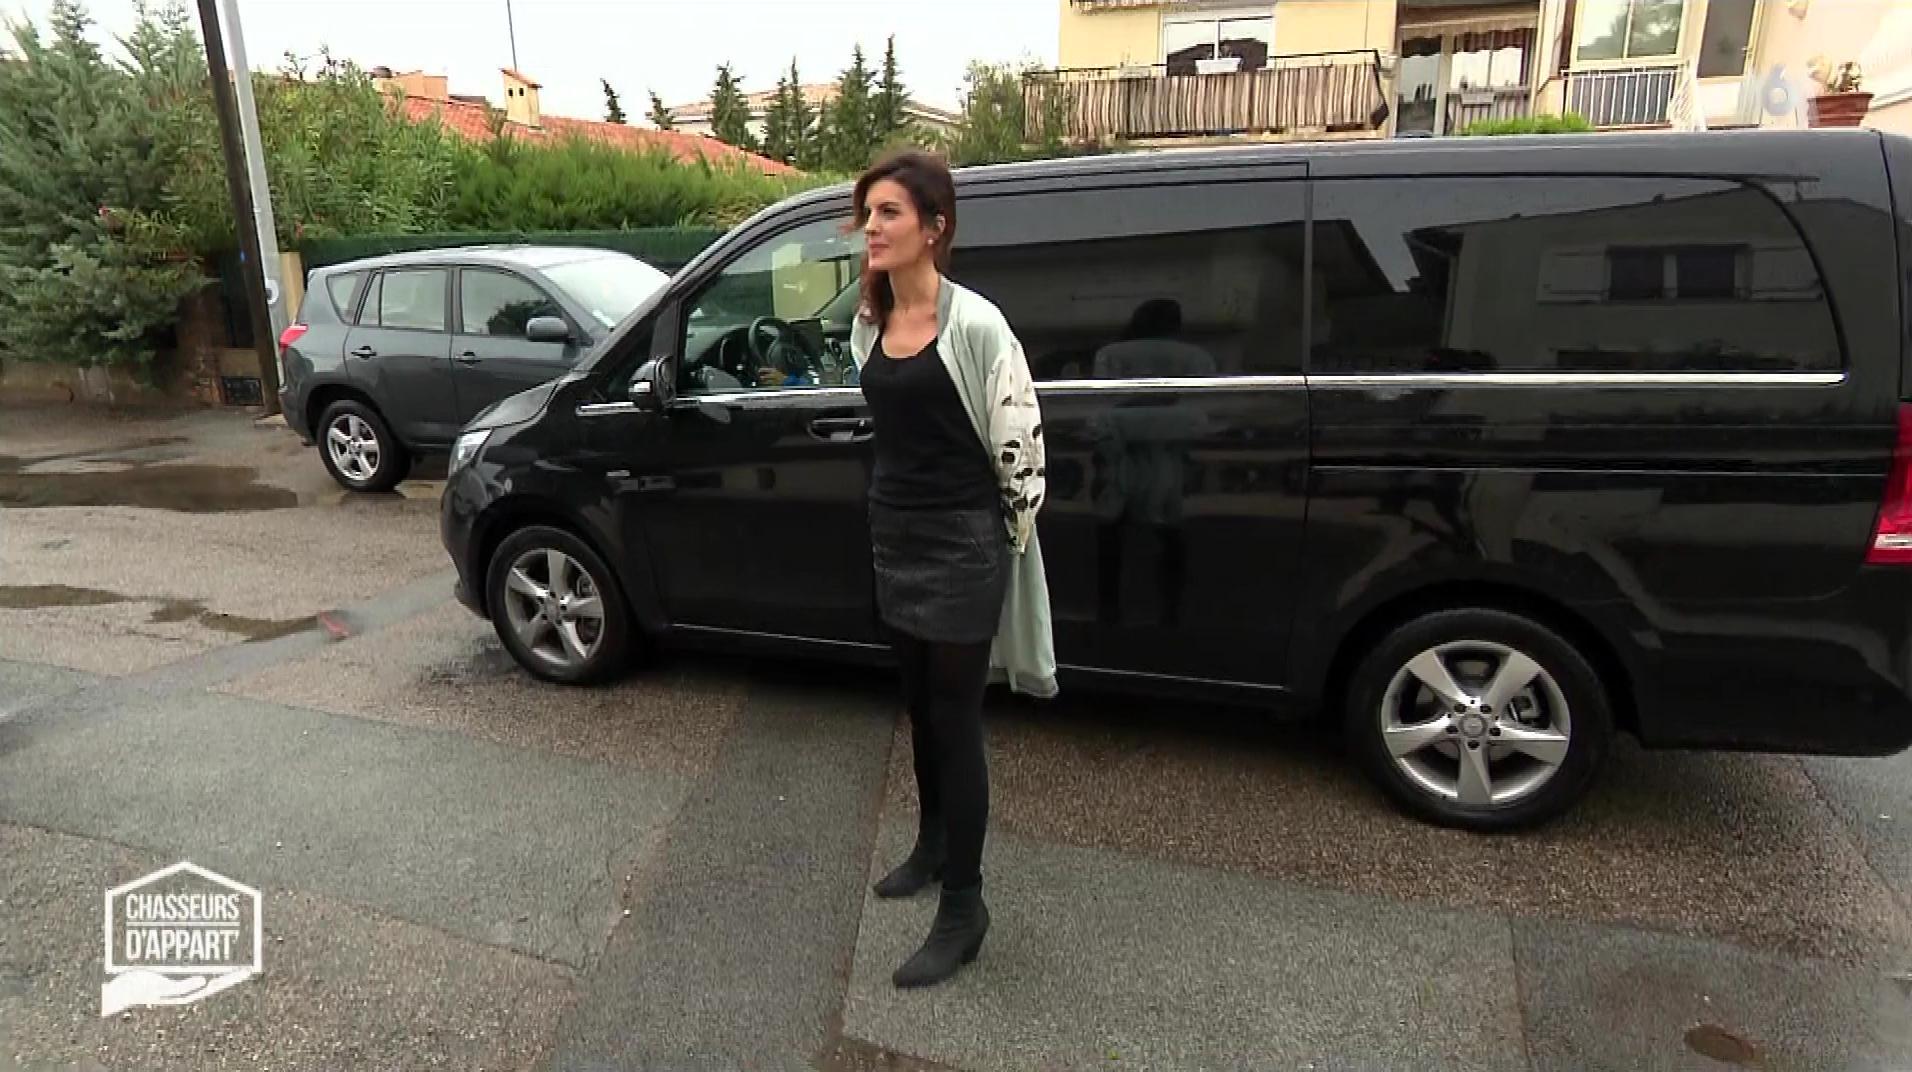 Victoria dans Chasseurs d'Appart. Diffusé à la télévision le 26/01/17.